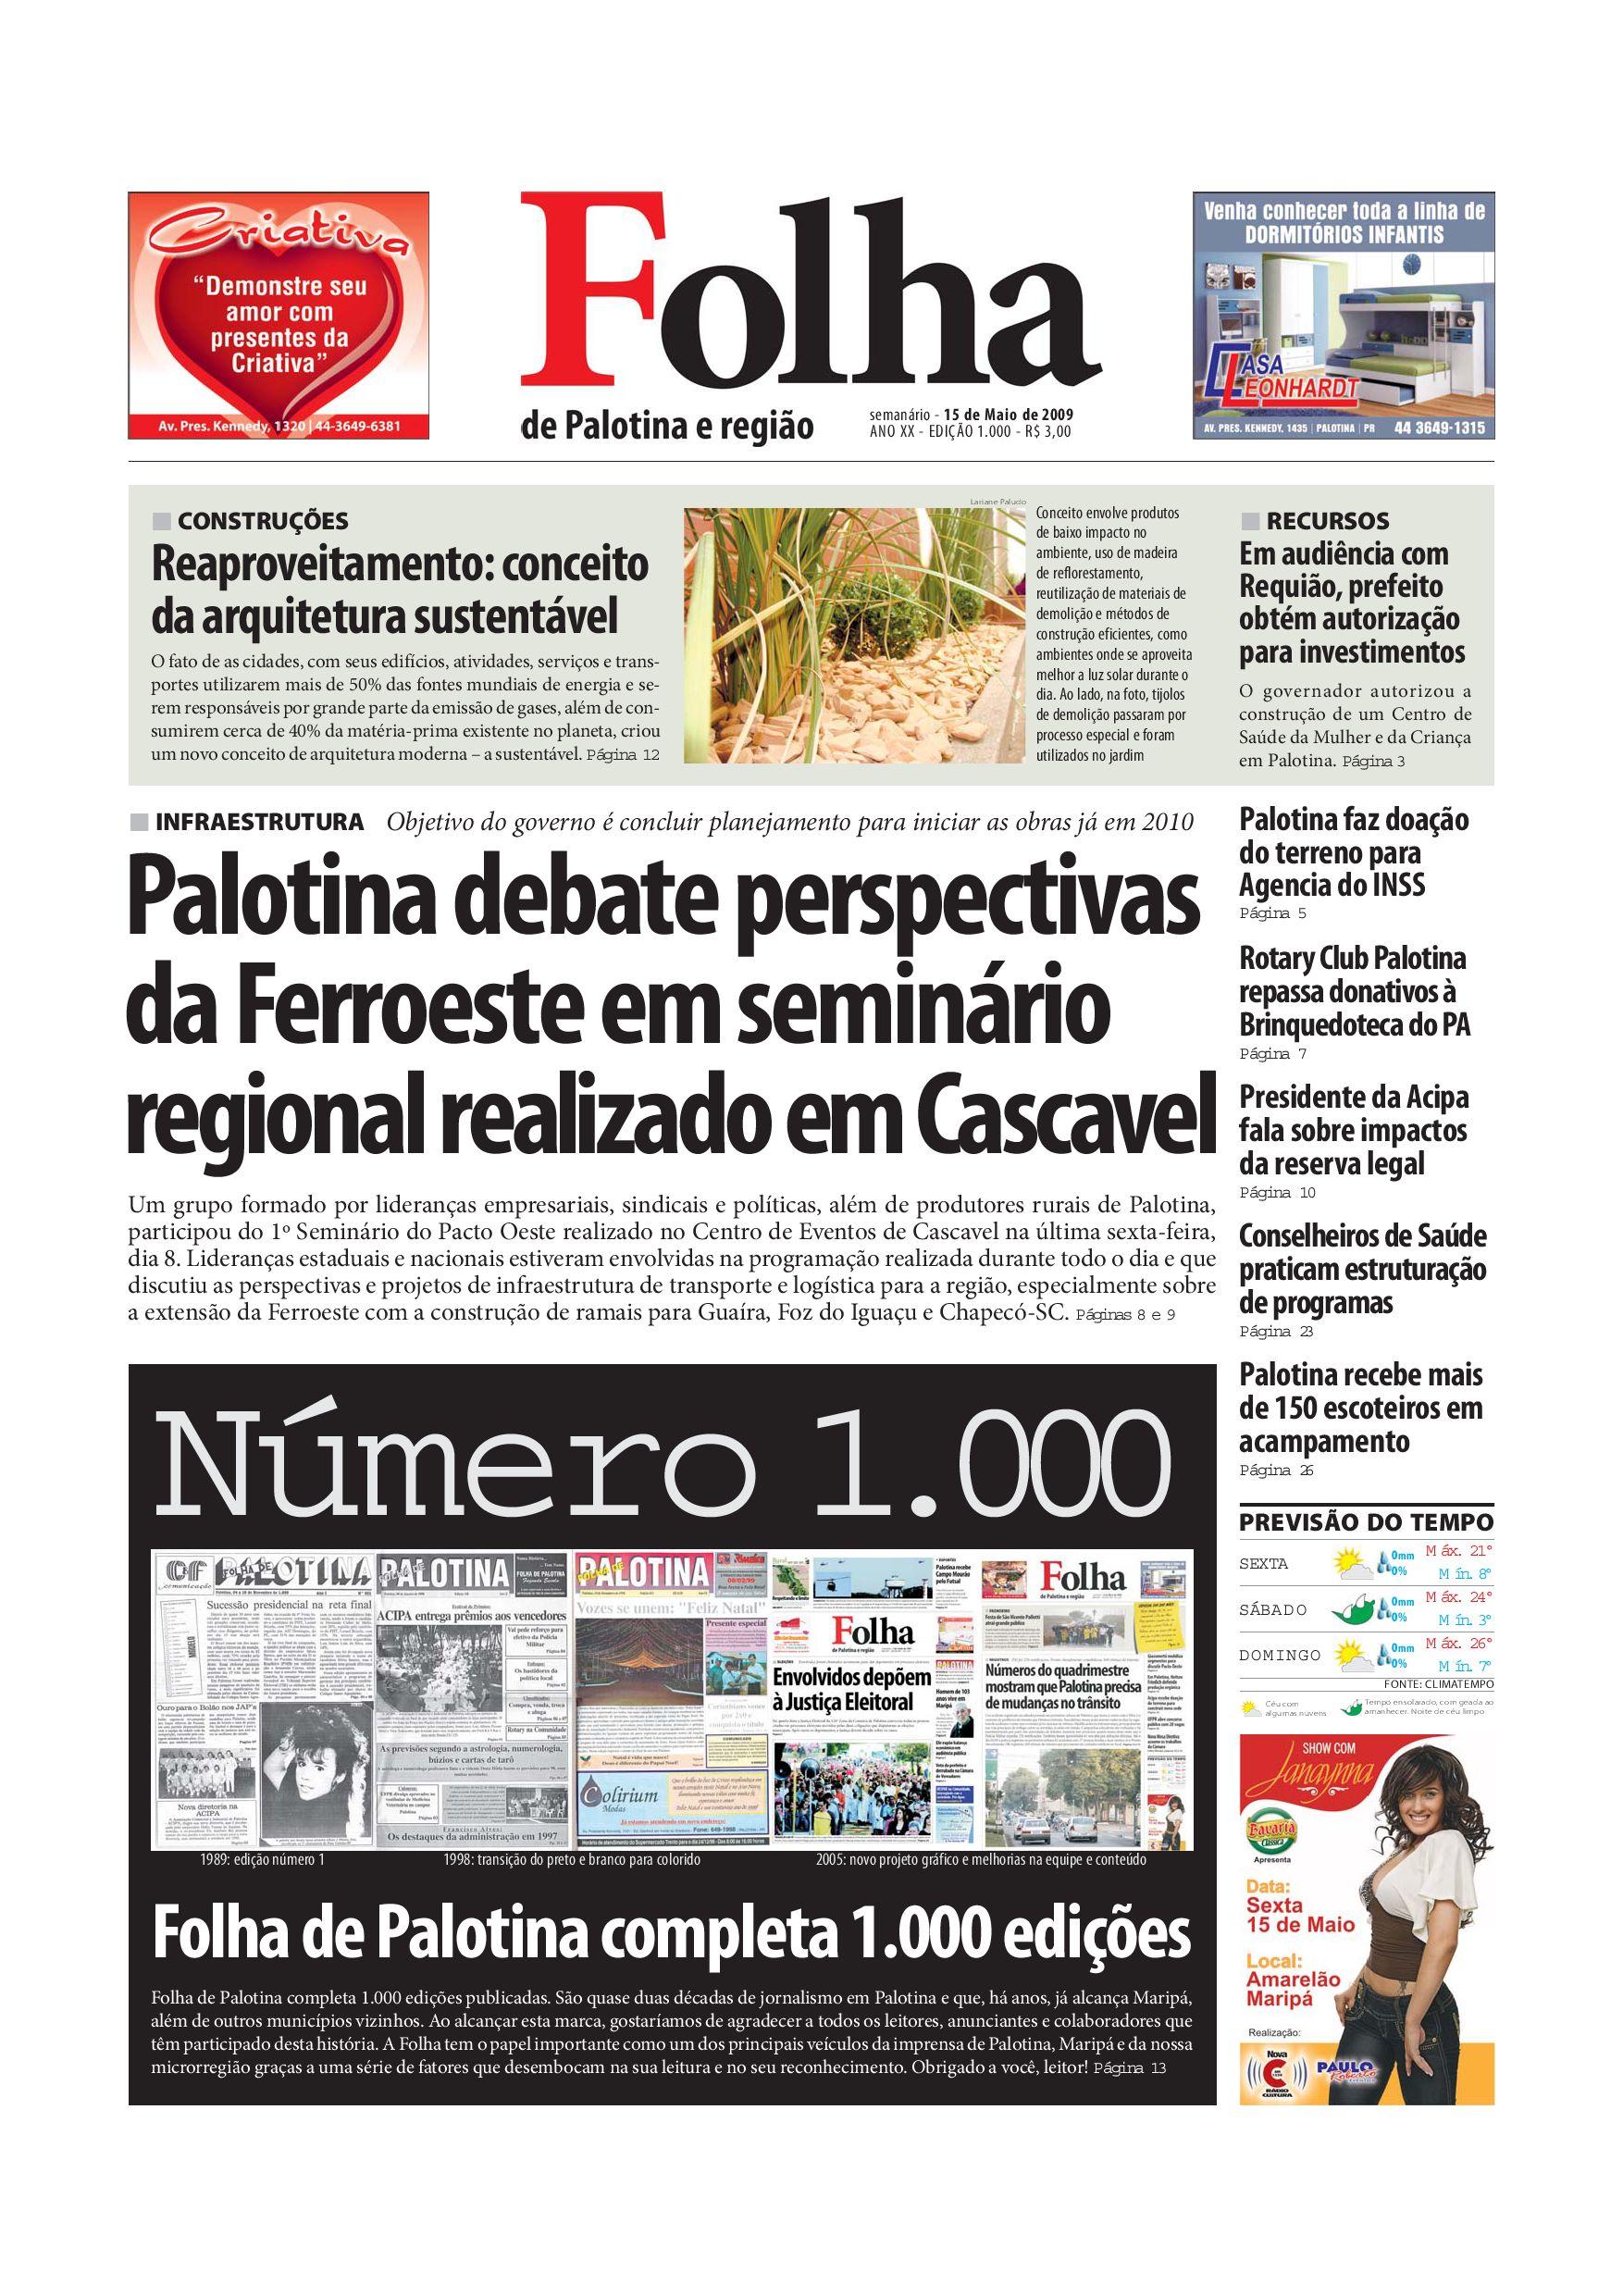 469081b1ab Jornal Folha de Palotina 15 05 2009 by Sinuê Giacomini - issuu